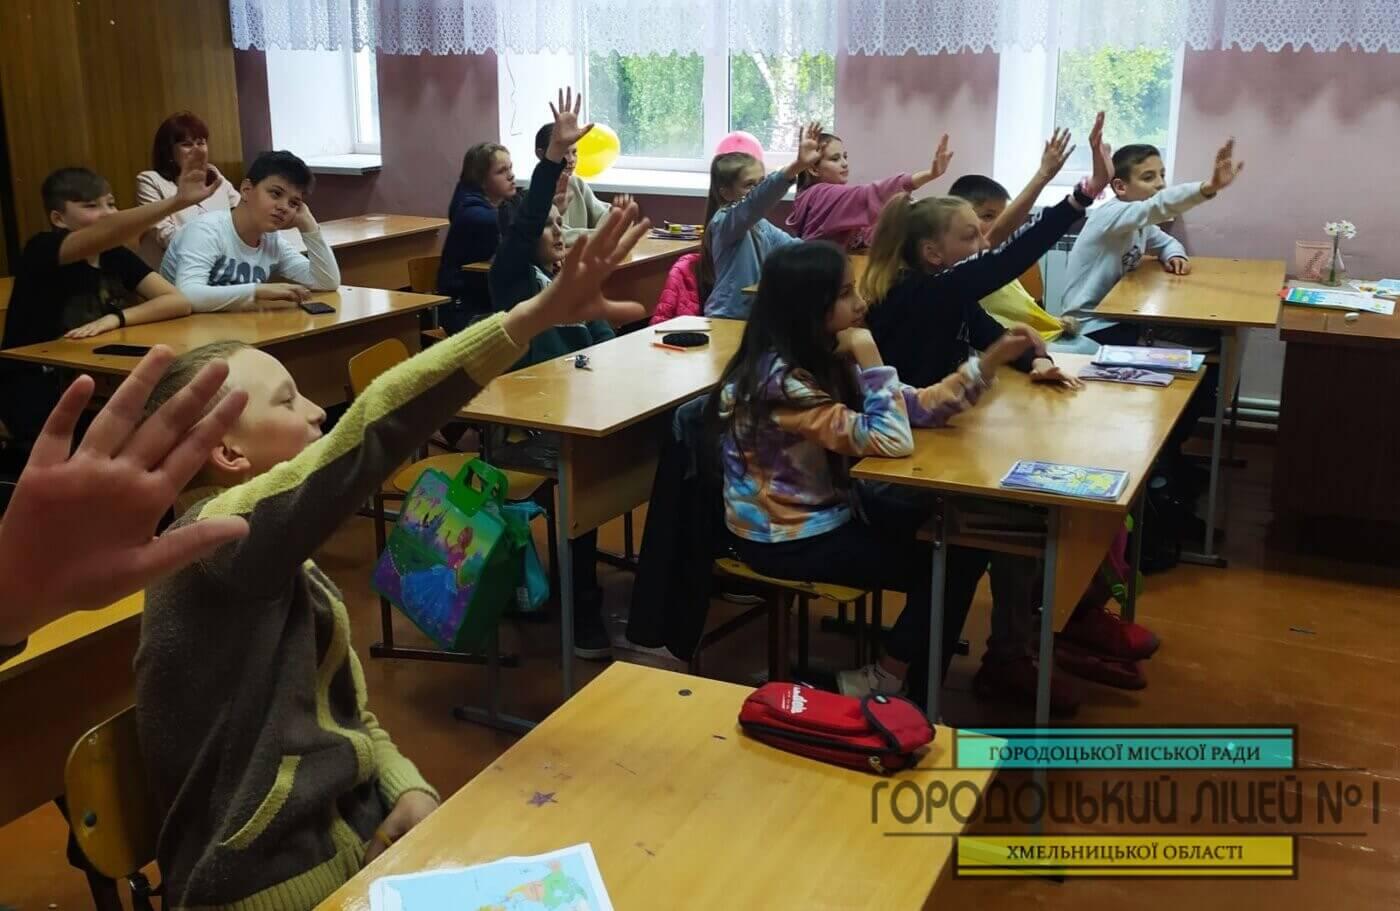 zobrazhennya viber 2021 05 19 15 14 31 1400x911 - Бесіда з елементами тренінгу «Фізіологічні можливості дитини на дорозі»